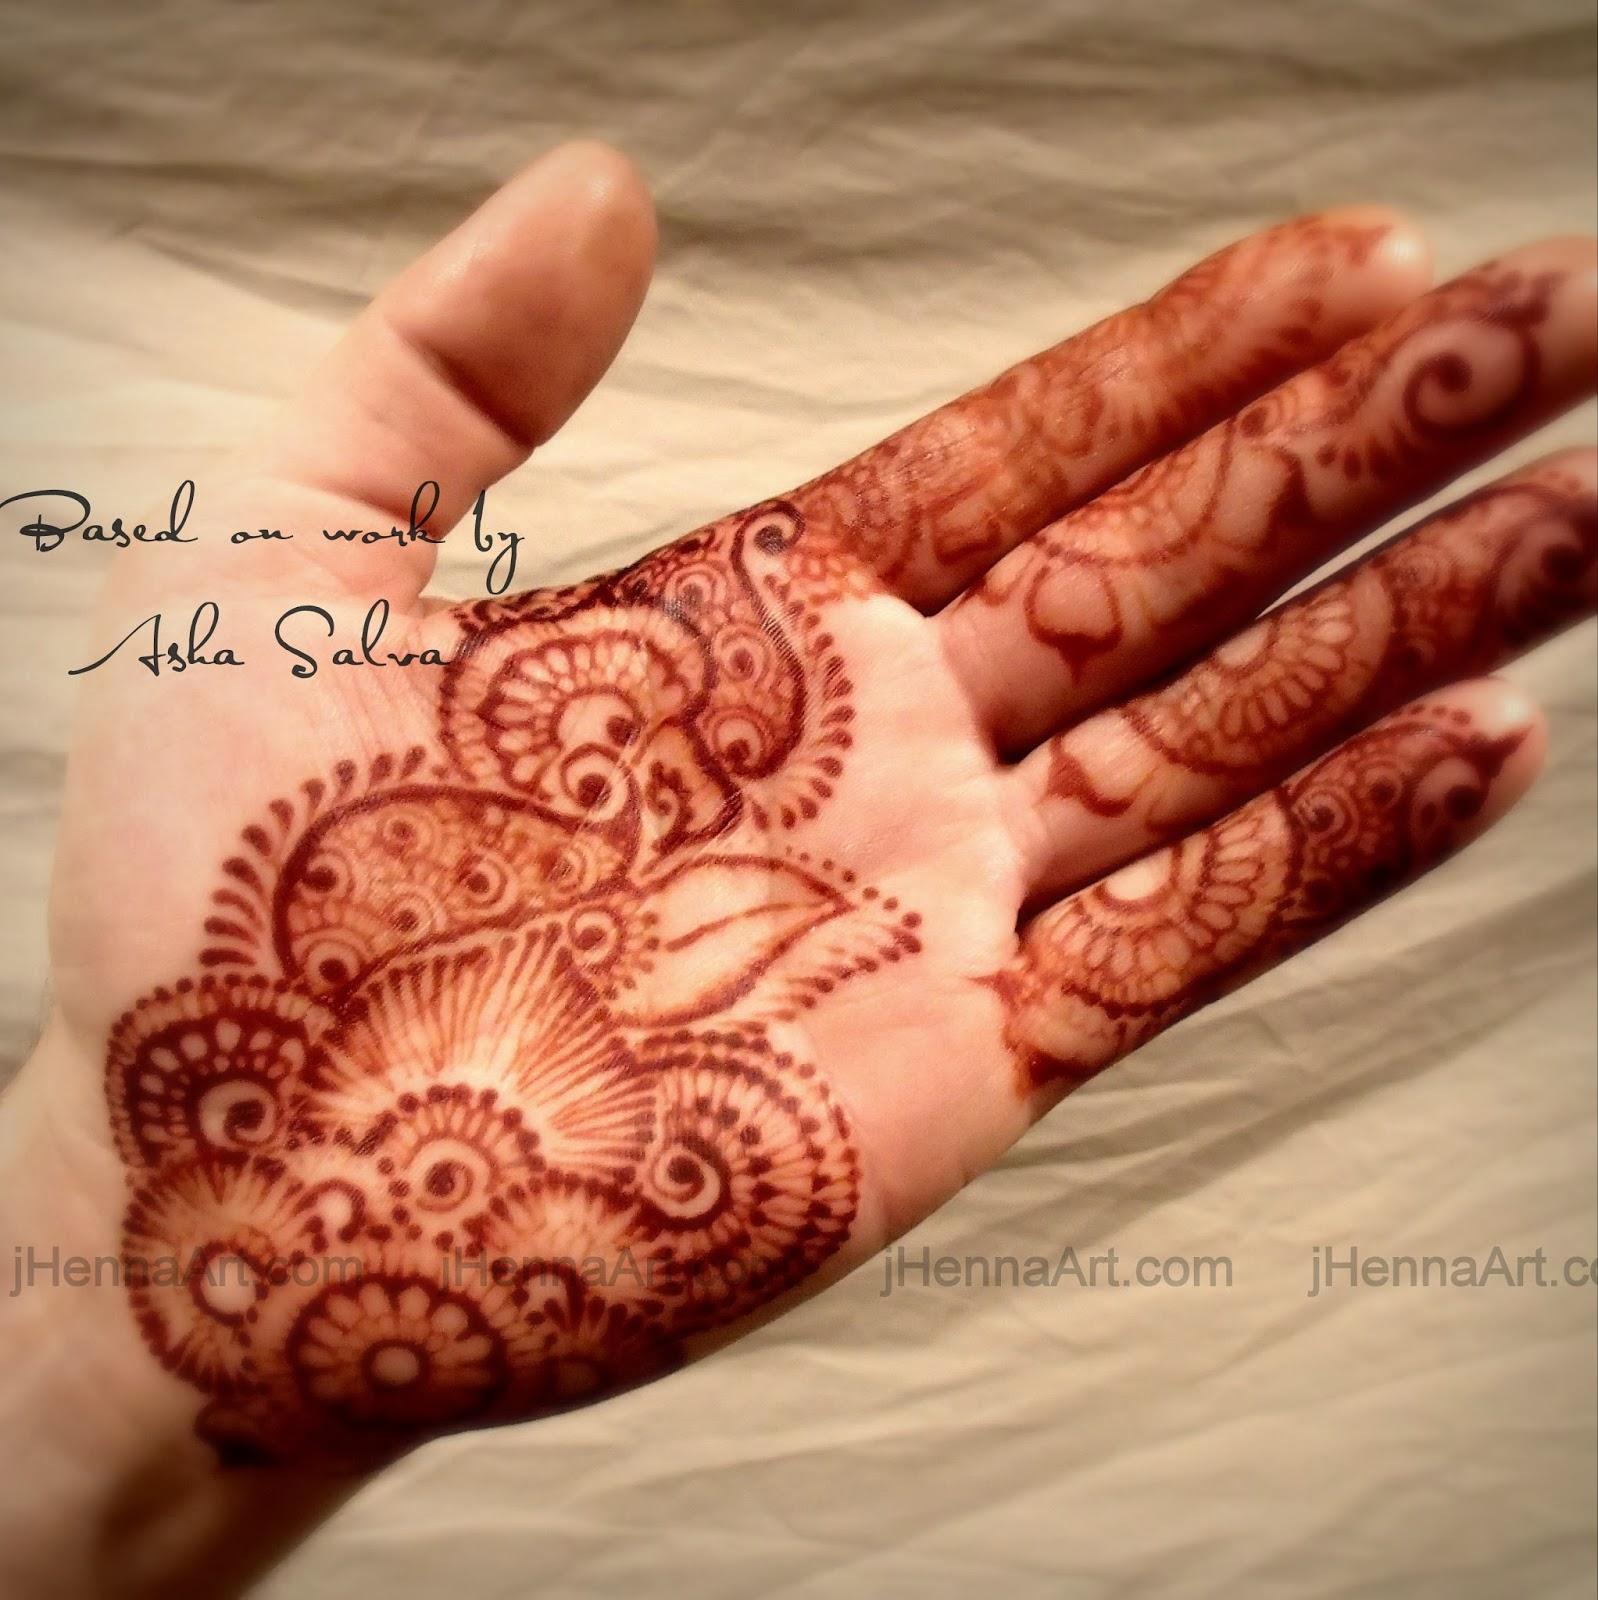 Henna artist grand rapids mi for Tattoo artists kalamazoo mi